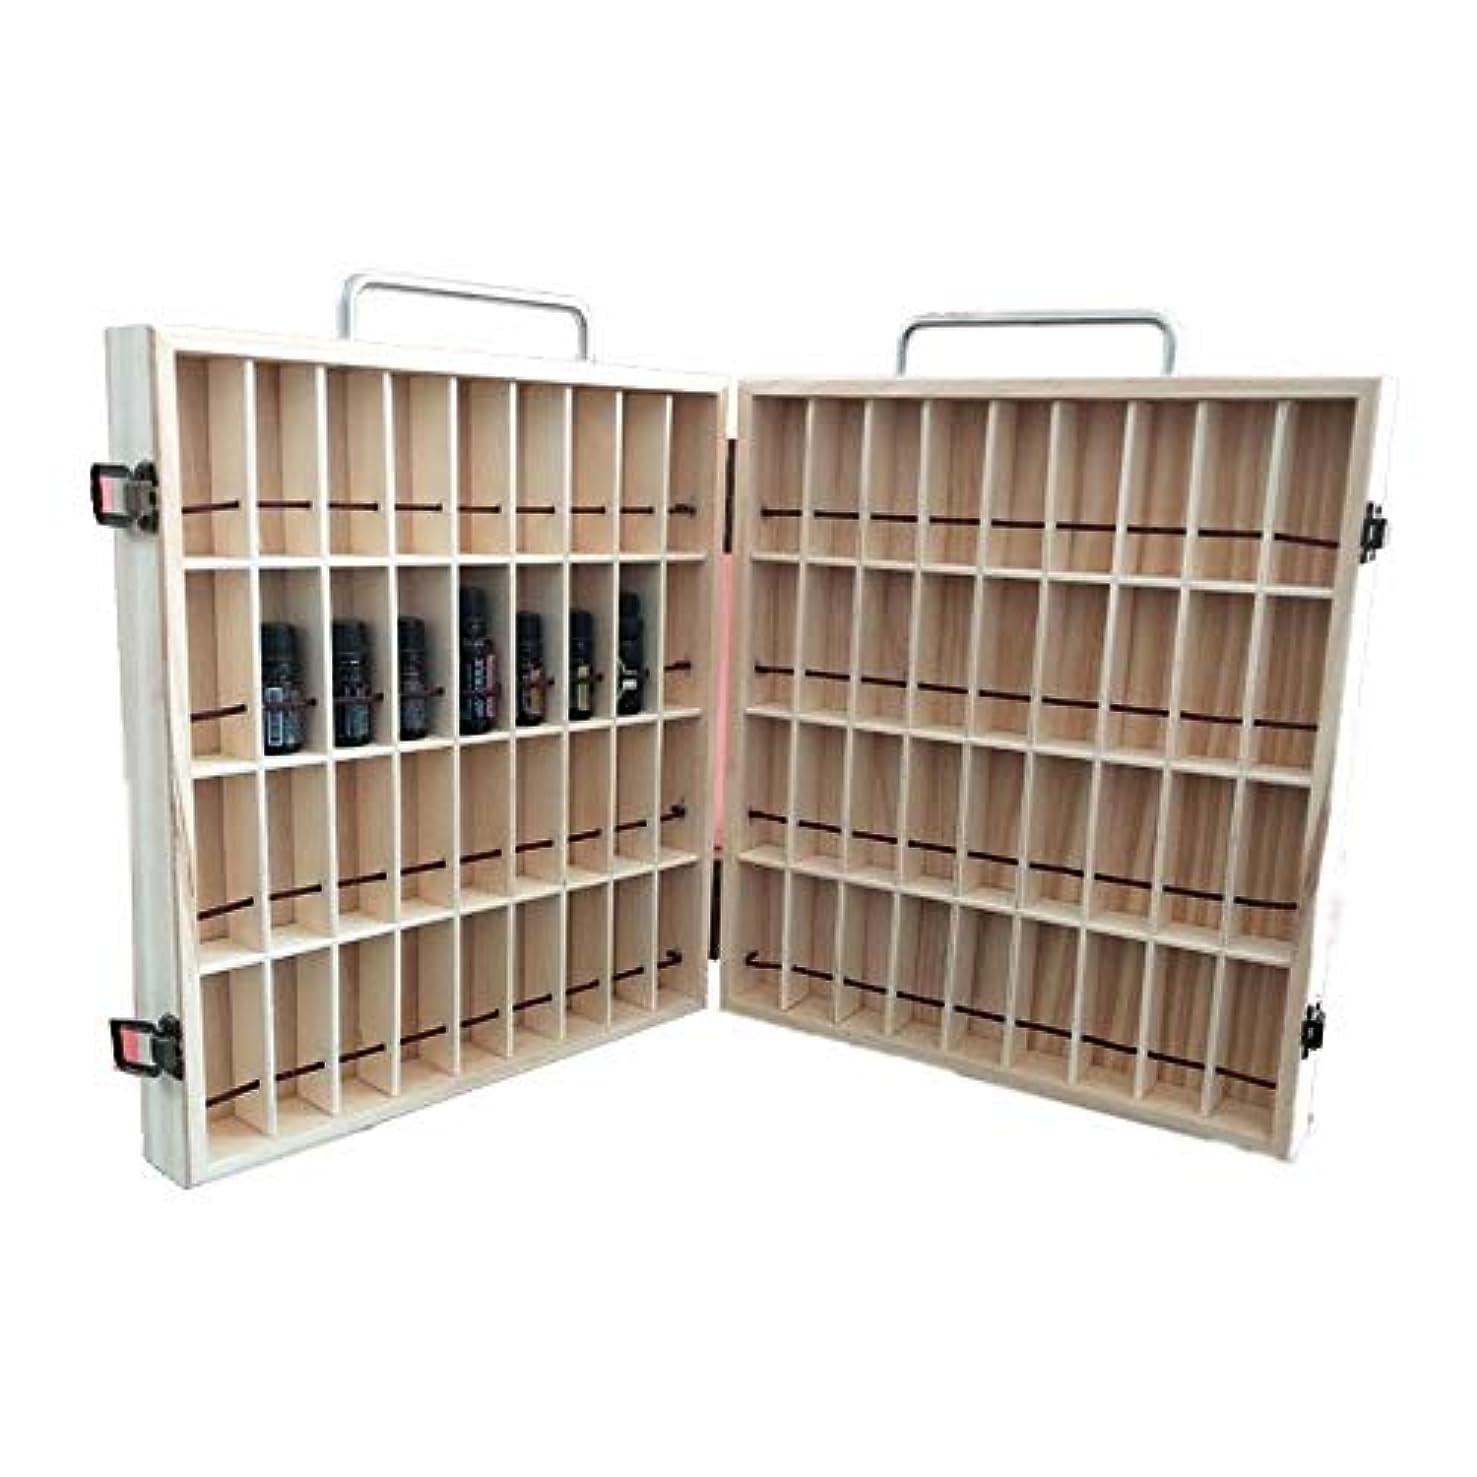 無駄だ日焼けベッド2キャリー付きエッセンシャルオイルストレージボックスオーガナイザーは木製オイルケースホルダーをハンドル アロマセラピー製品 (色 : Natural, サイズ : 34.5X30.5X8CM)